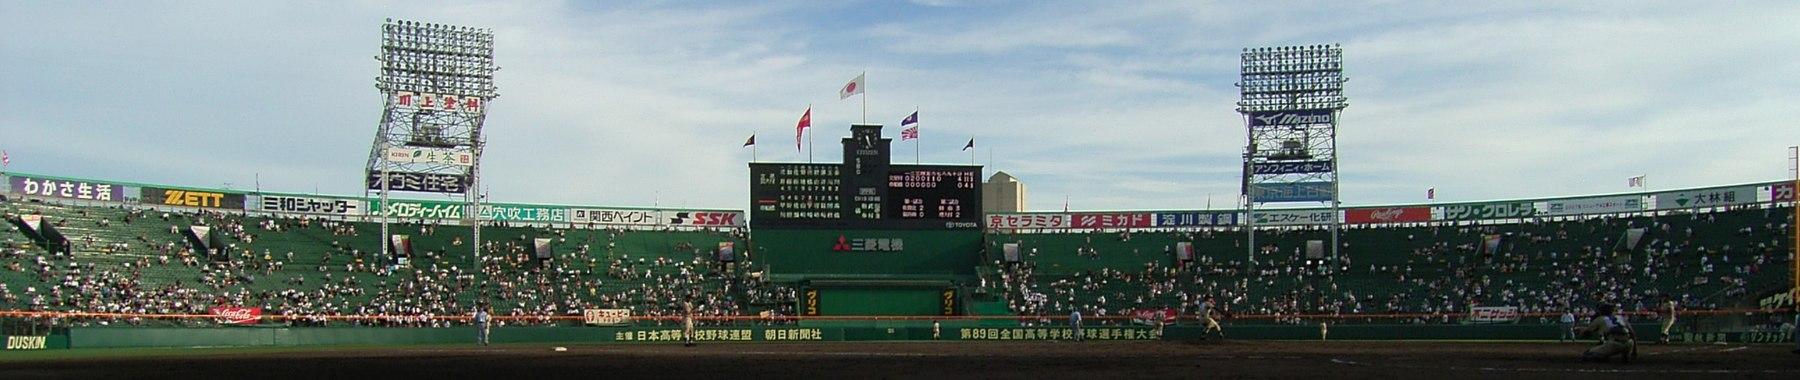 Hanshin Koshien Stadium 2007-16.jpg